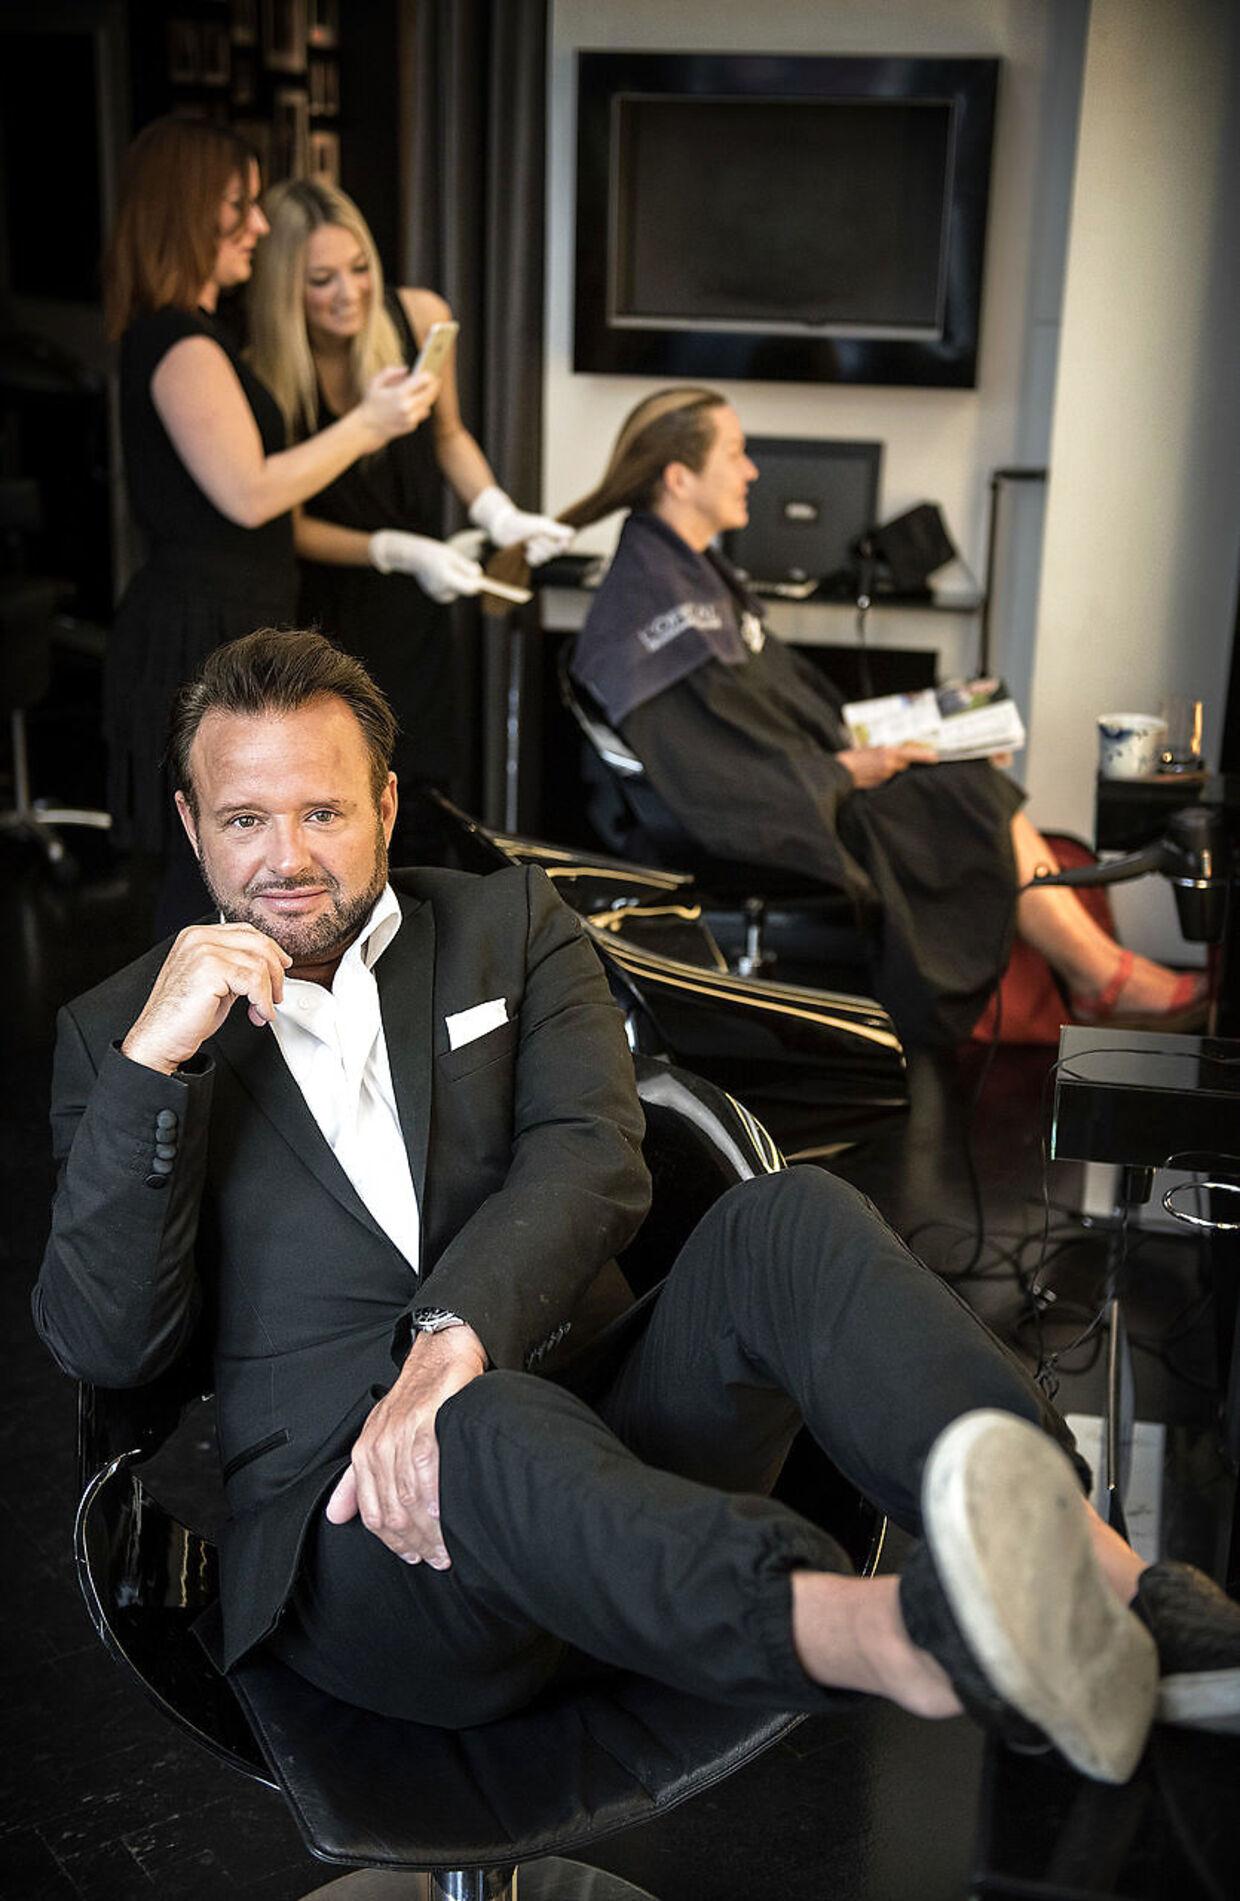 Dennis Knudsen åbnede i maj en ny stor salon i København. Nu er han ved at være presset på økonomien.